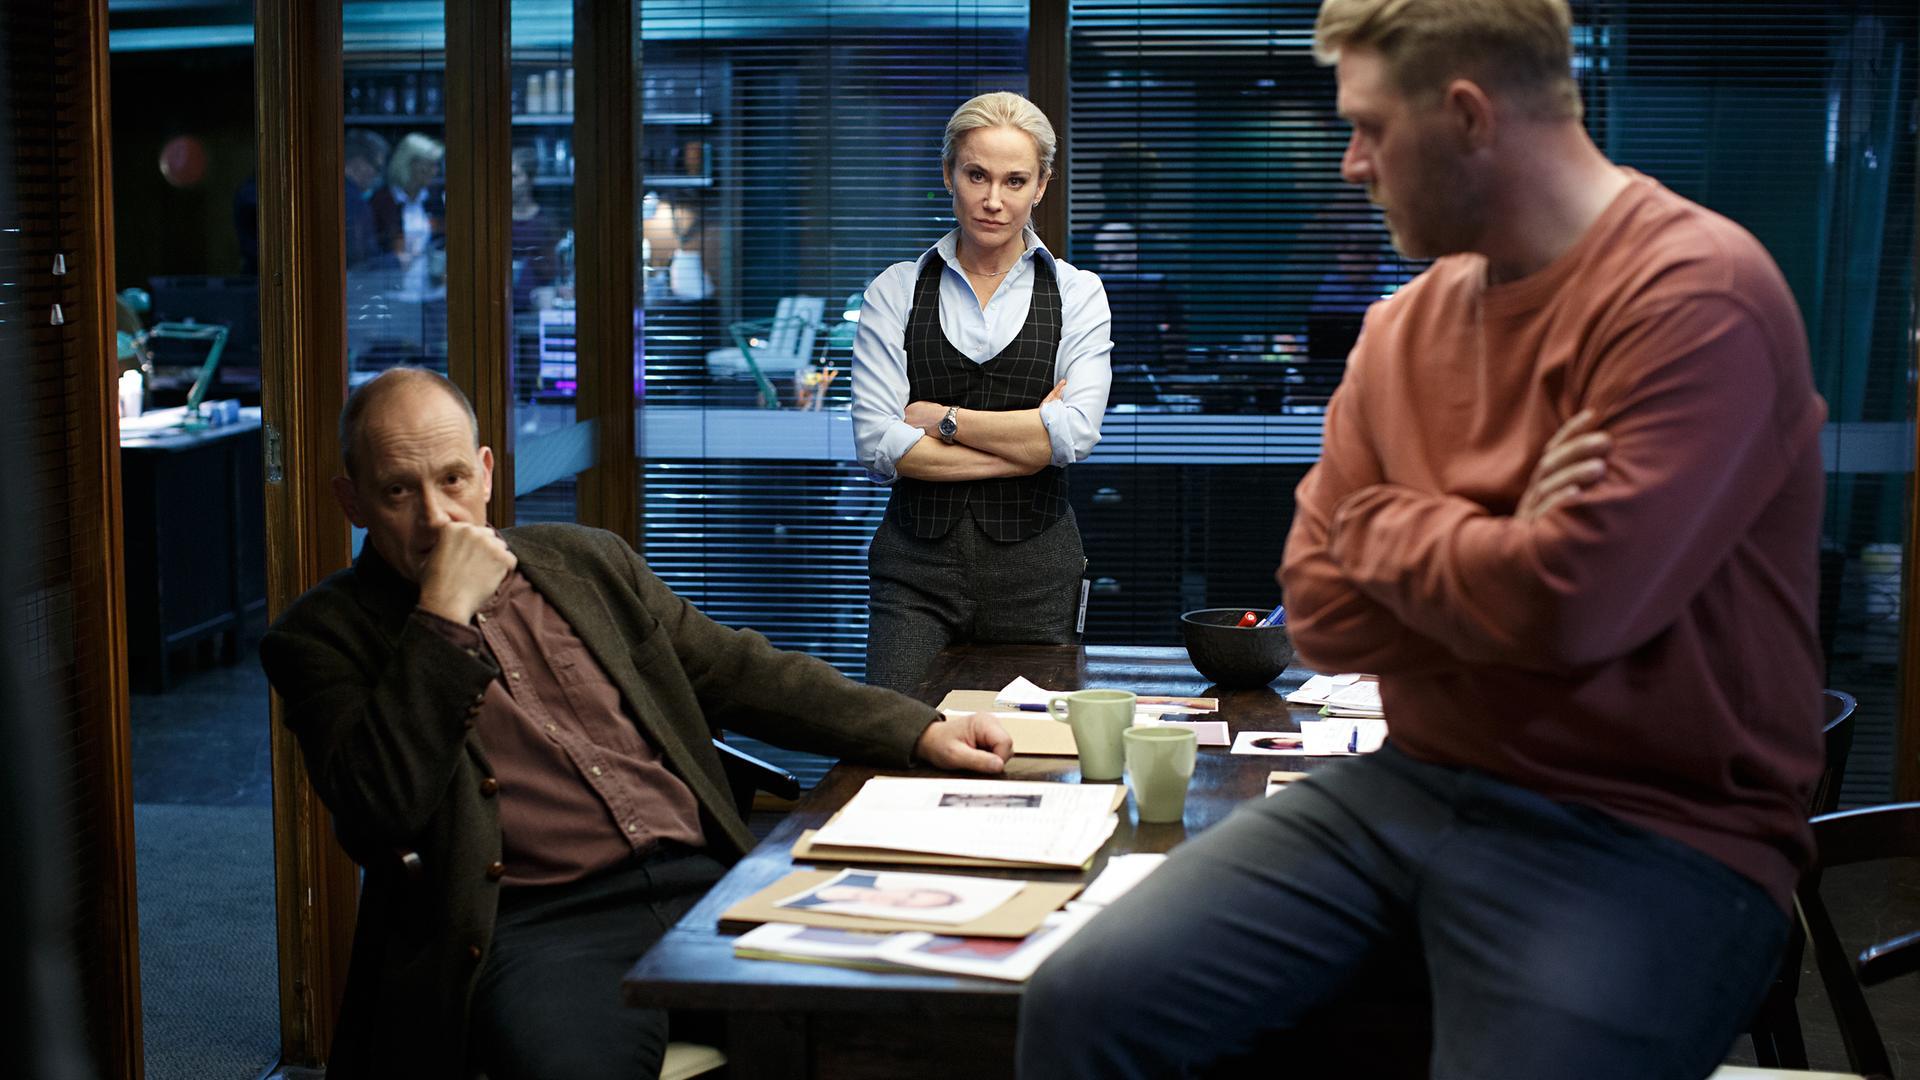 Anne Holt Der Morder In Uns Staffel 2 Folge 4 Zdfmediathek